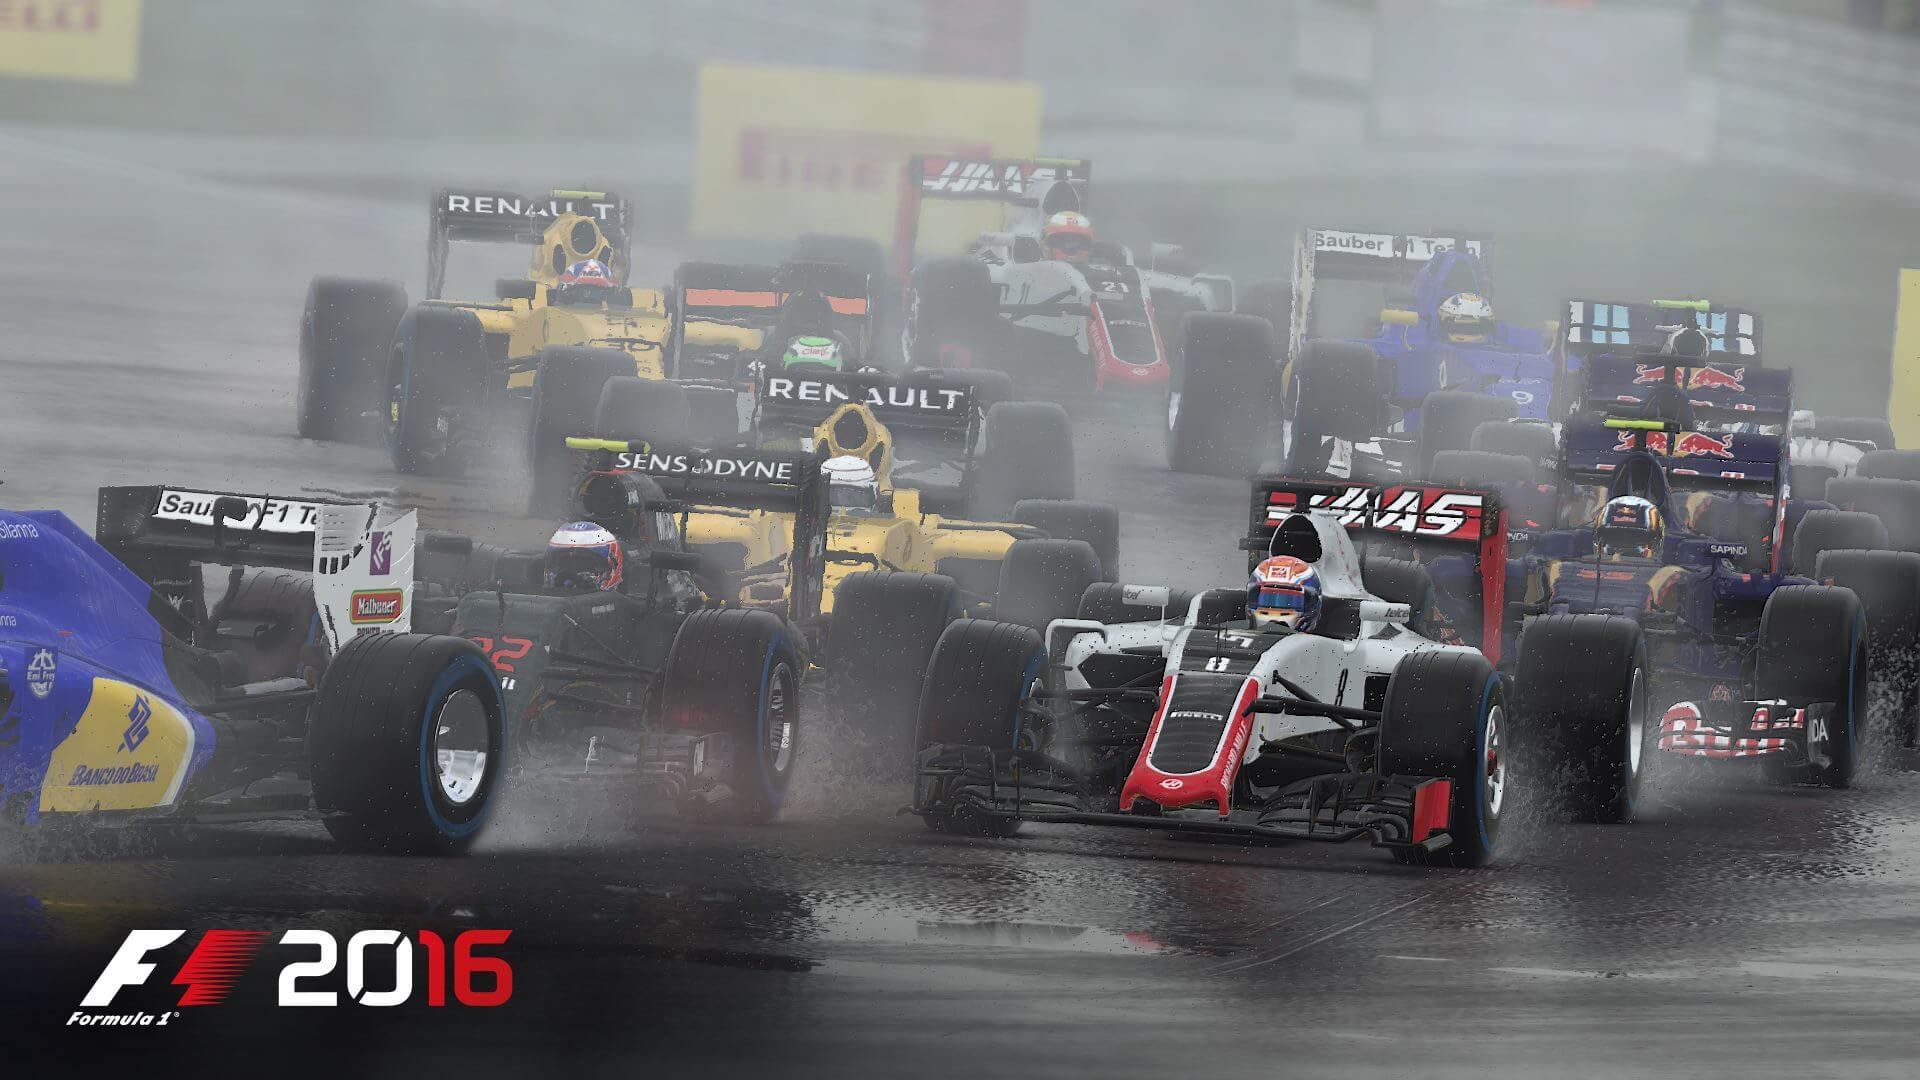 F1 2016: Gedränge im Regen (Bildrechte: Feral Interactive)